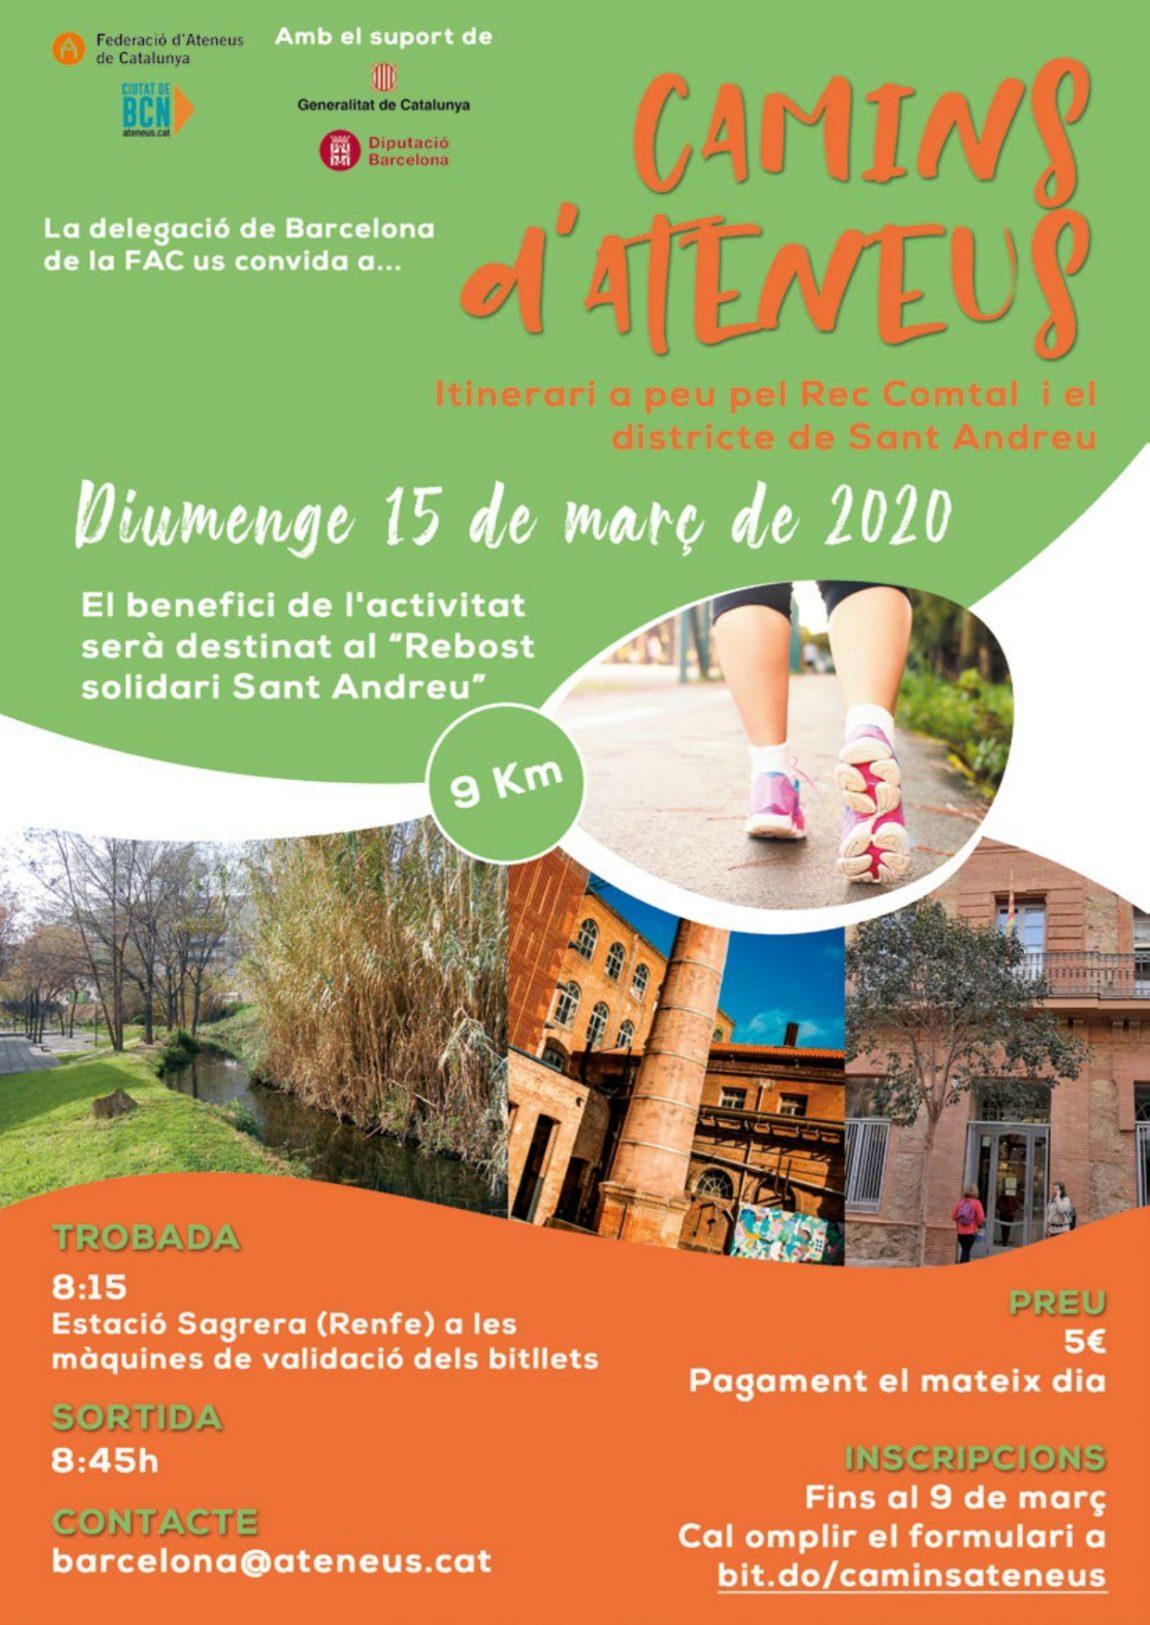 La DT de Barcelona organitza la segona edició de 'Camins d'Ateneus'. T'hi apuntes?